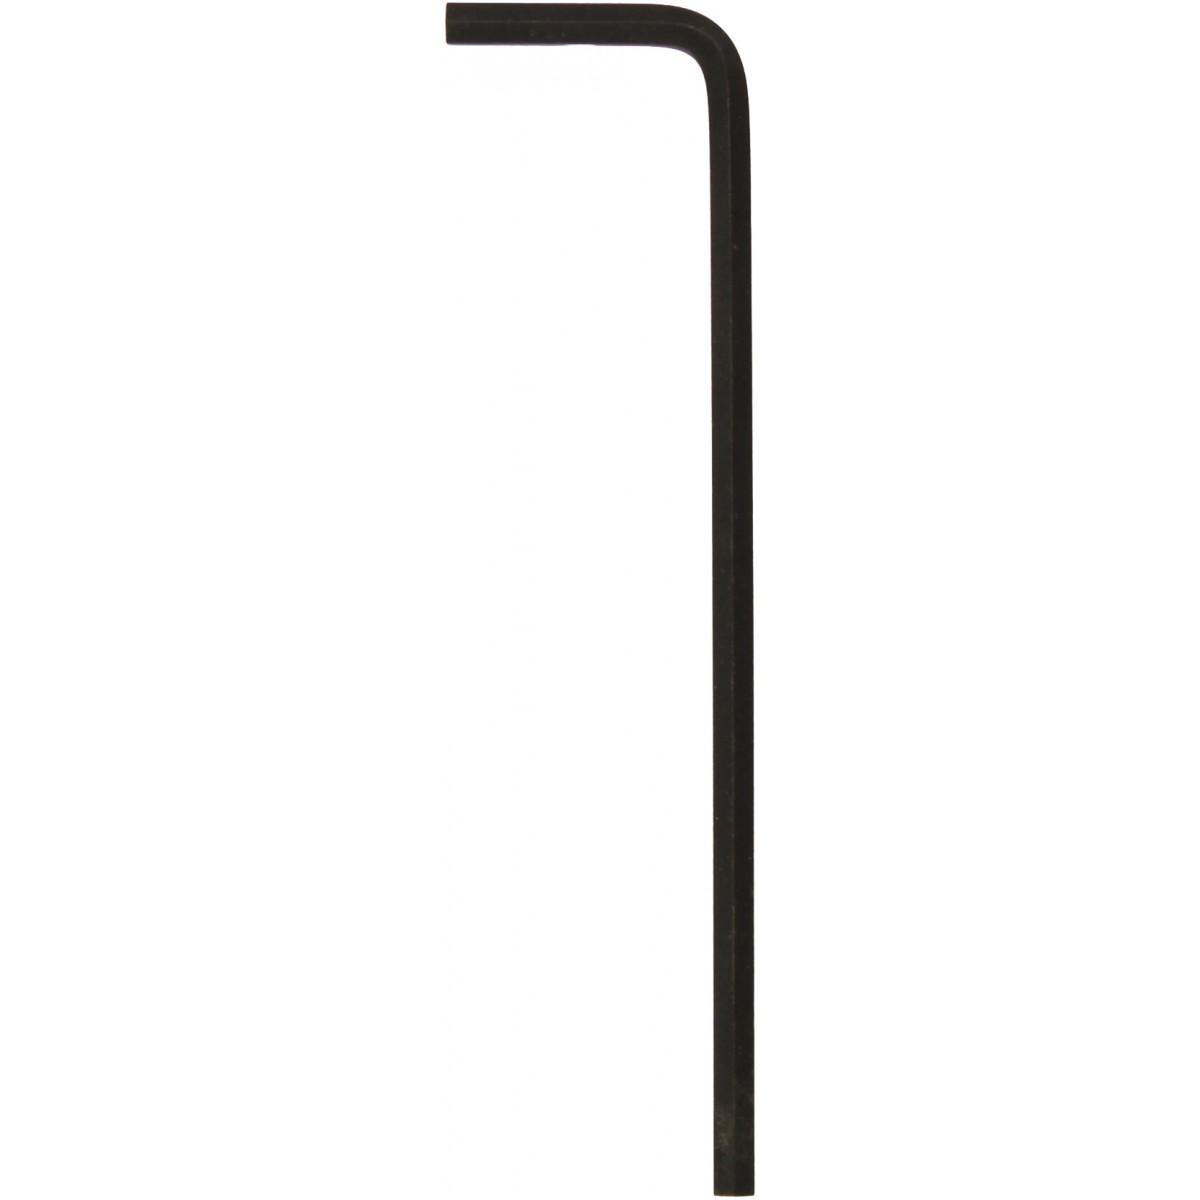 Clé mâle coudée série longue Facom - Dimensions 5 mm